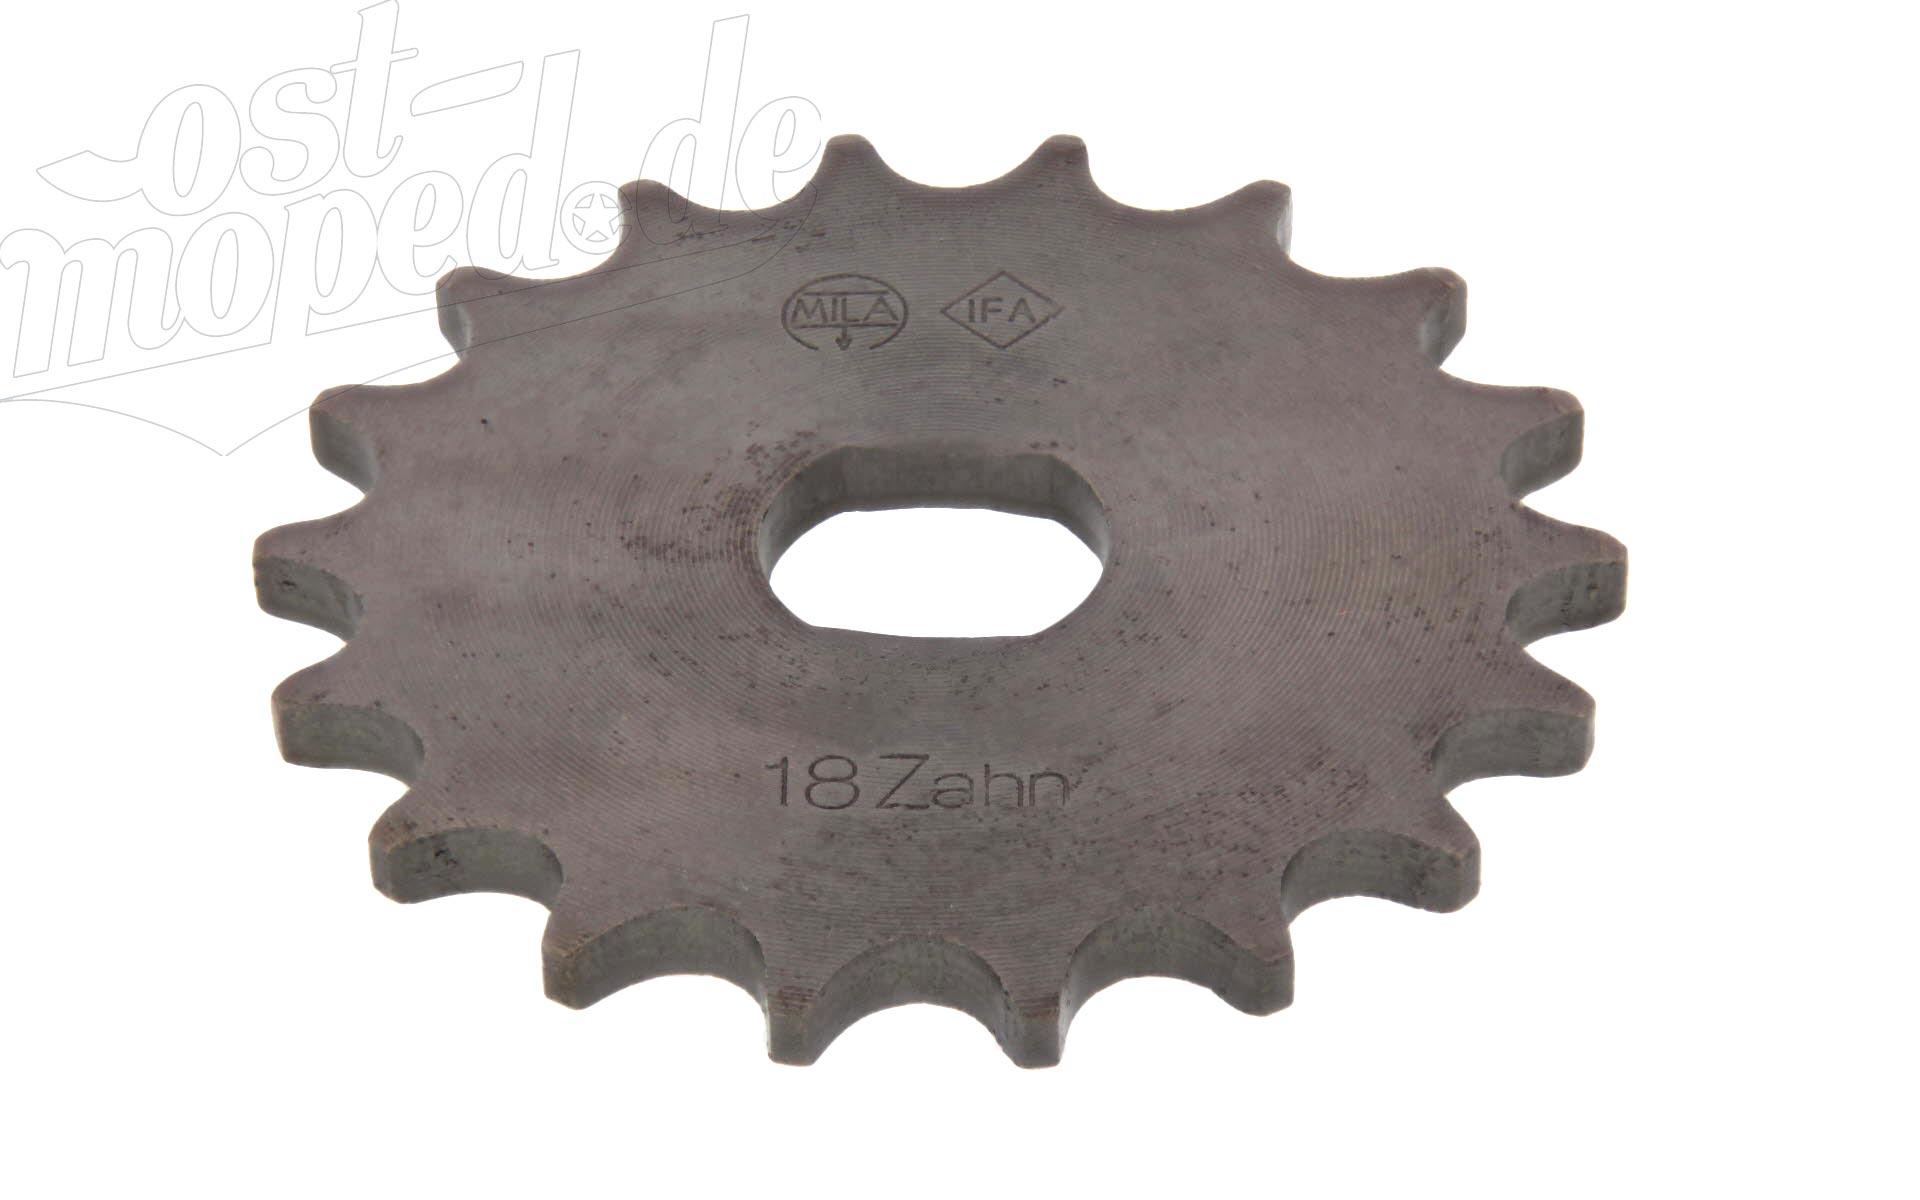 Ritzel - 18 Zähne - S51, S53, SR50, KR51/2